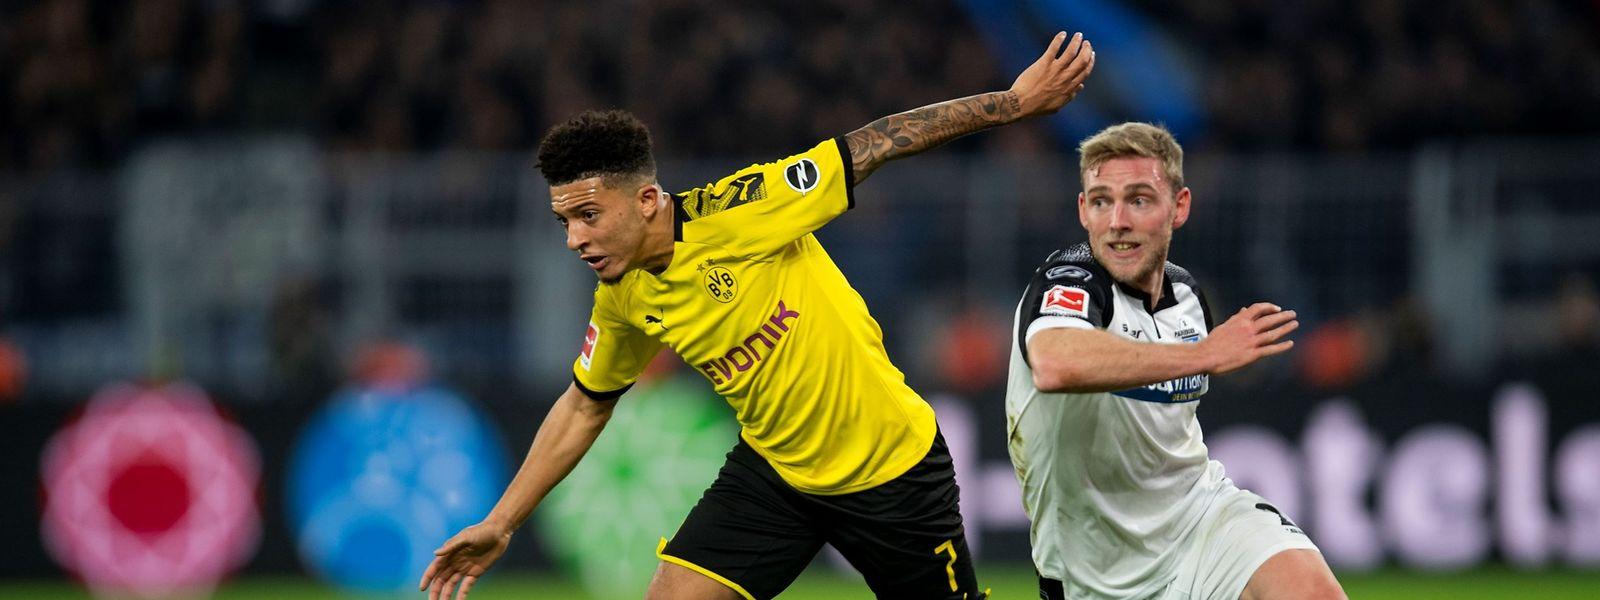 Laurent Jans (r.) im Duell mit Dortmunds Jadon Sancho.